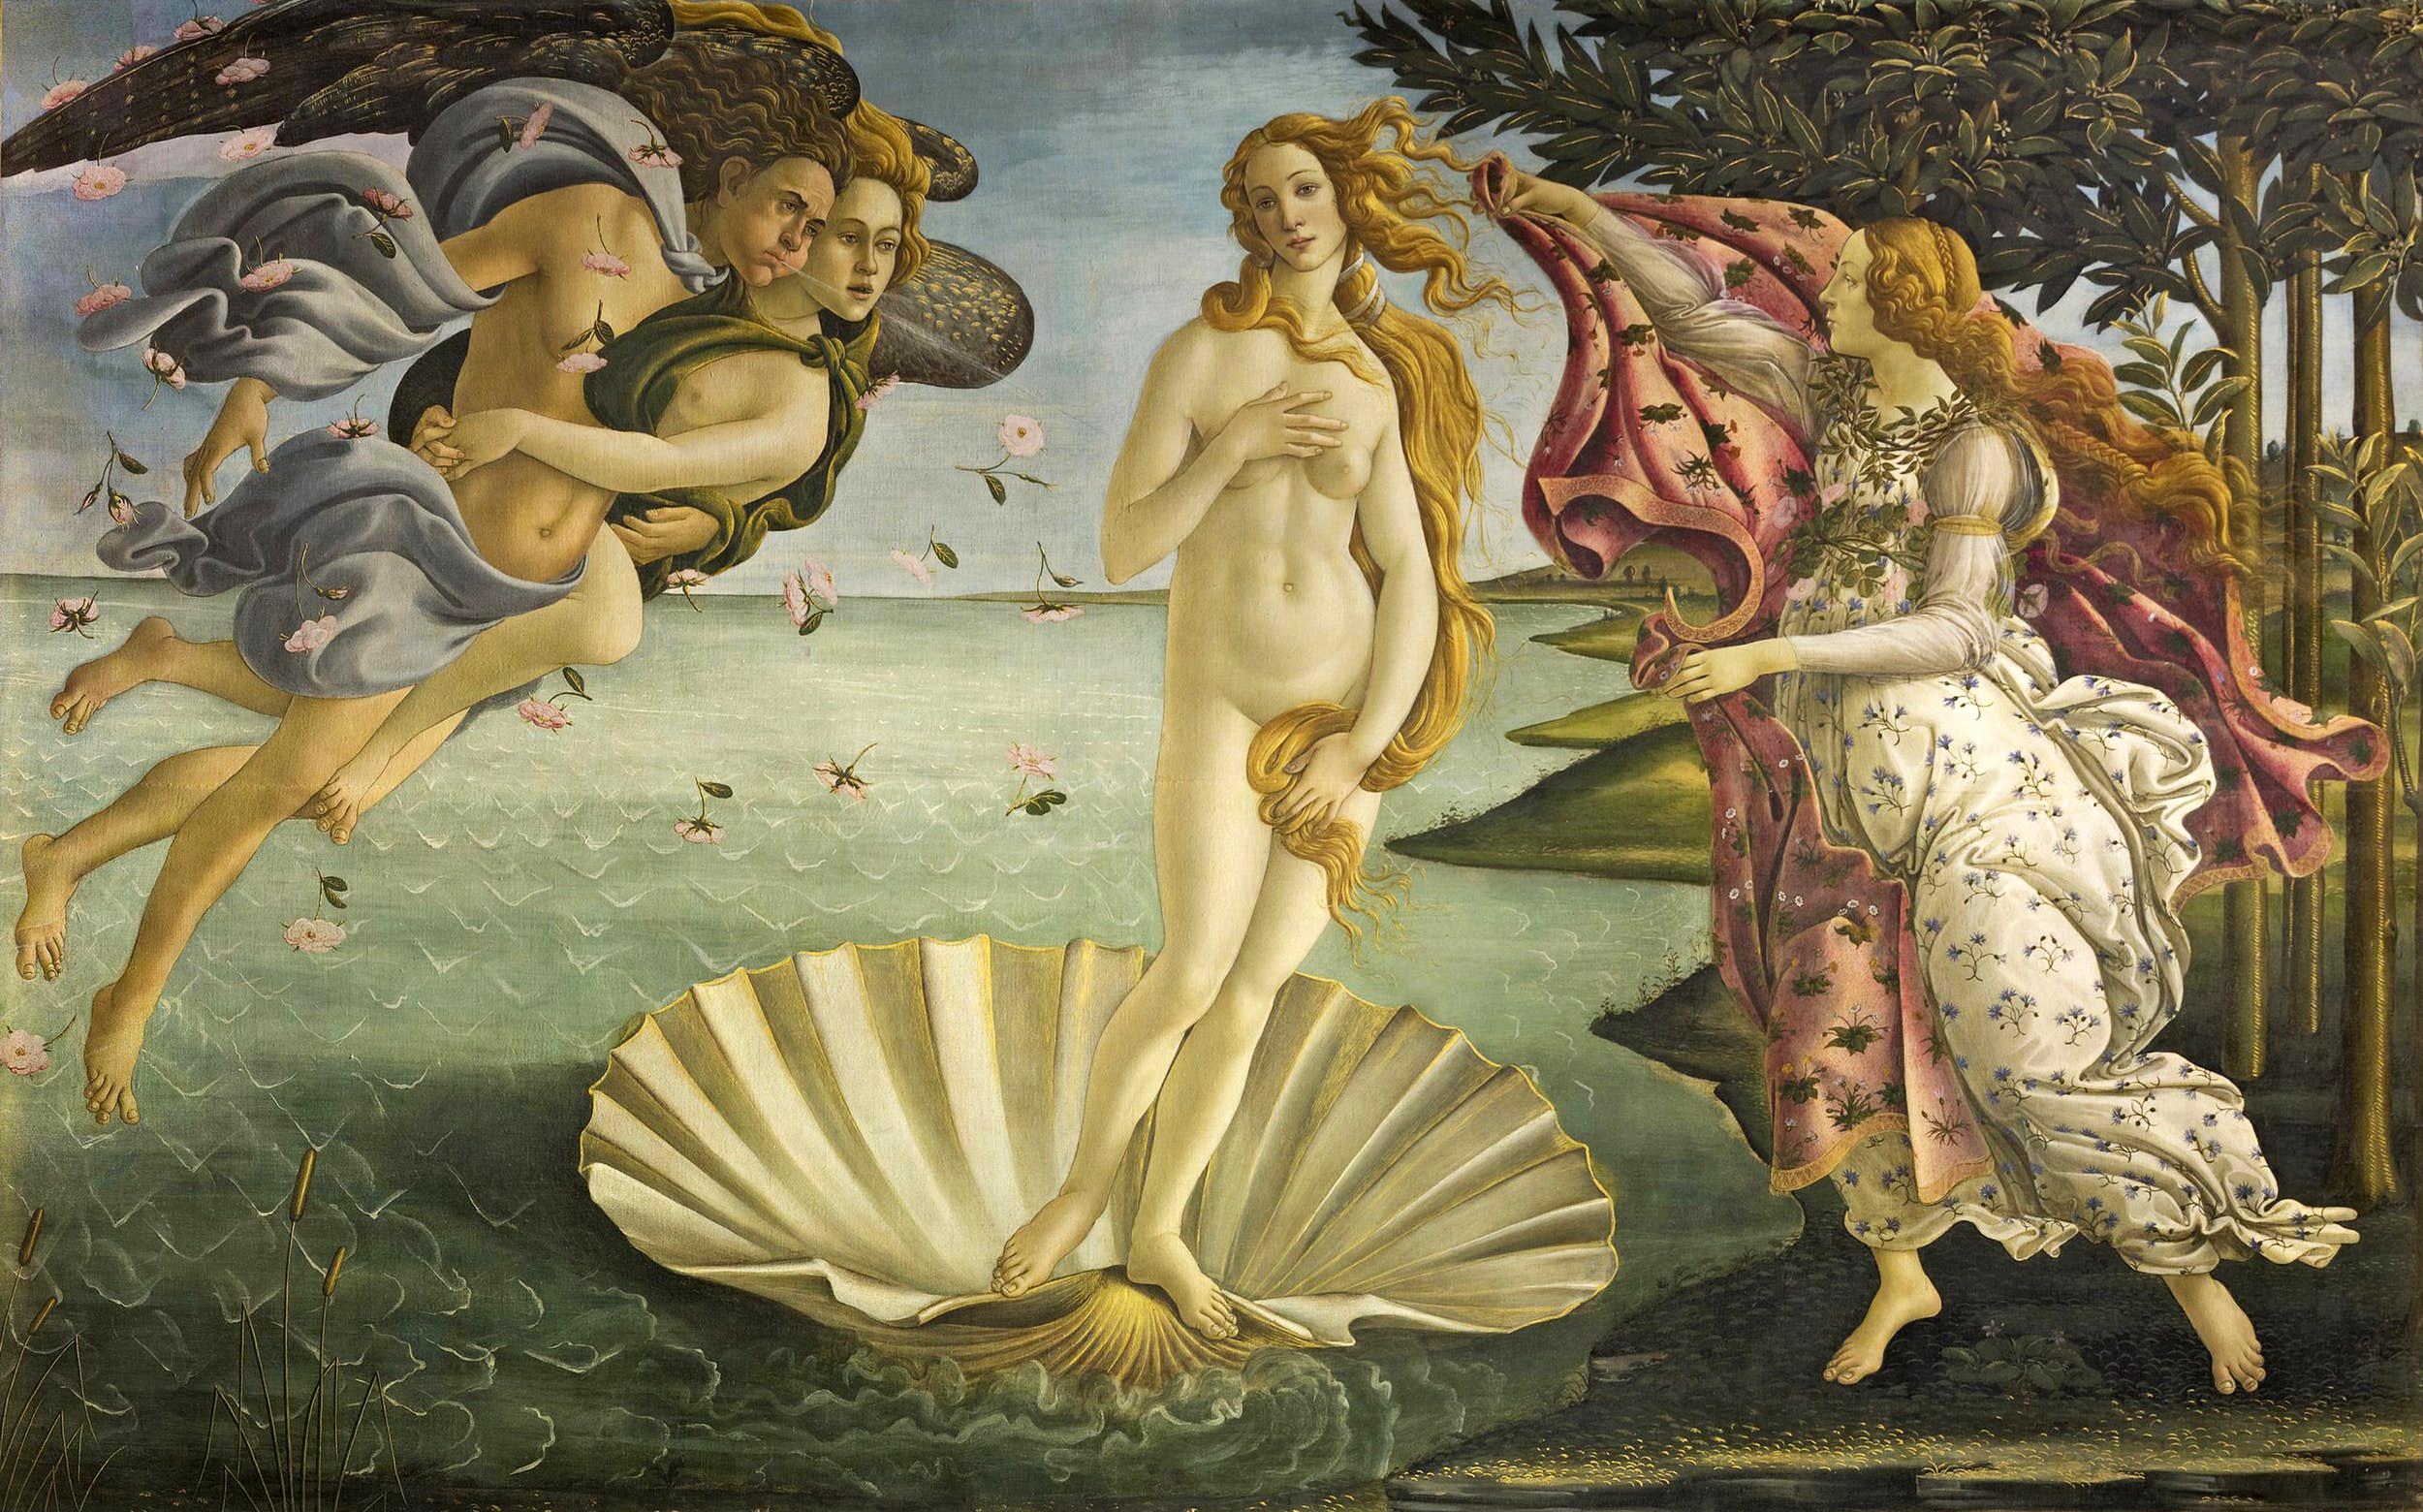 El_nacimiento_de_Venus%2C_por_Sandro_Botticelli.jpg